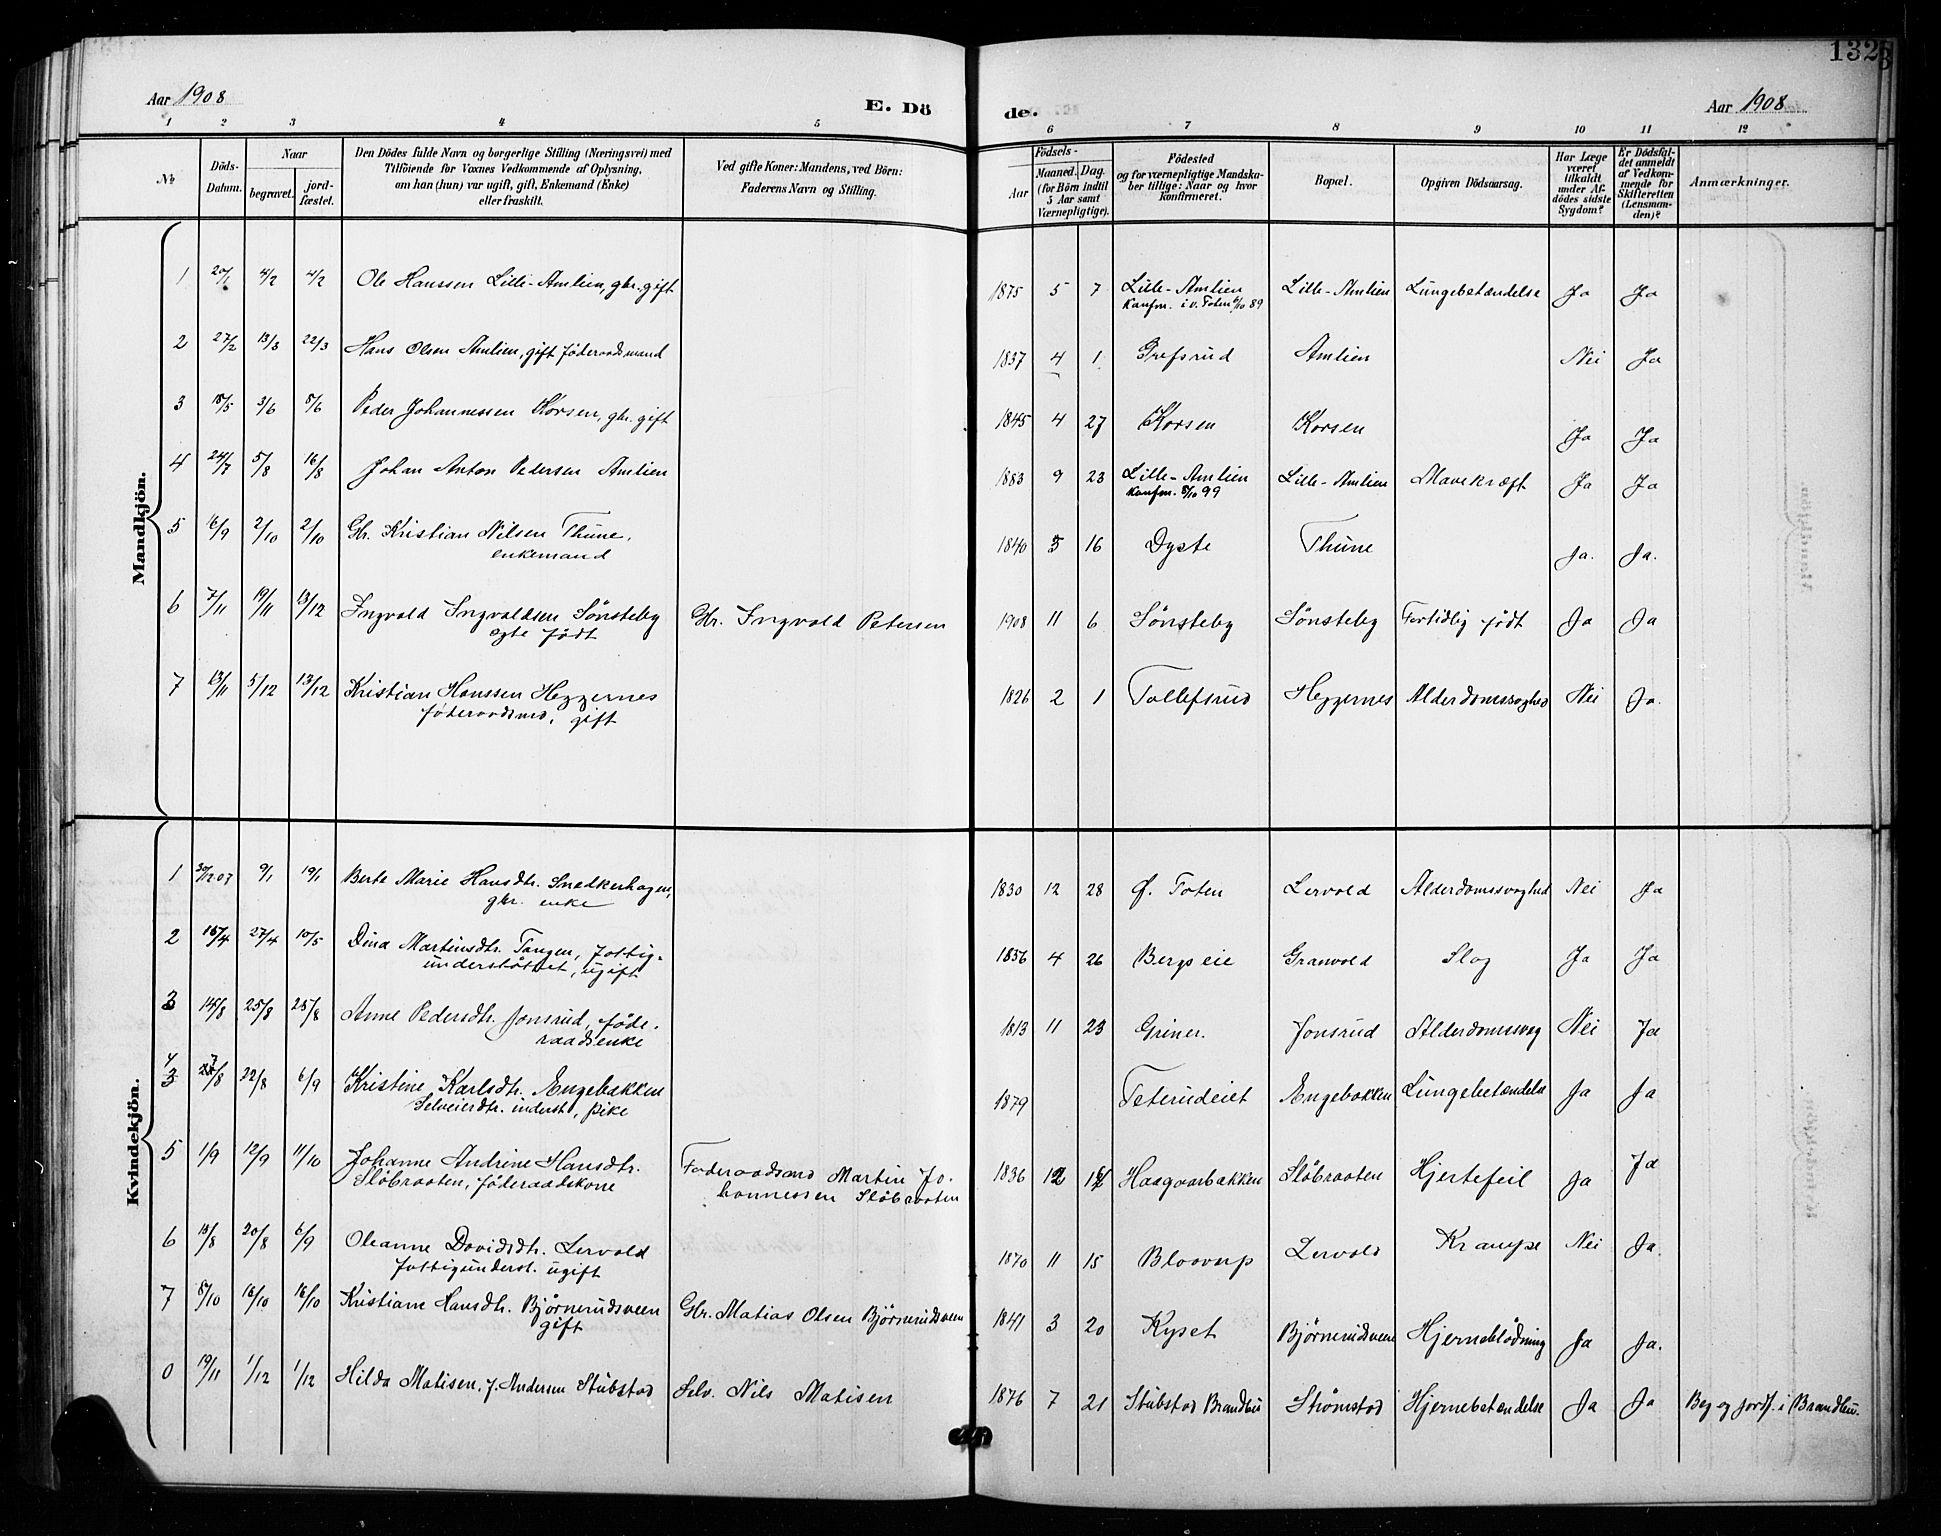 SAH, Vestre Toten prestekontor, Klokkerbok nr. 16, 1901-1915, s. 132